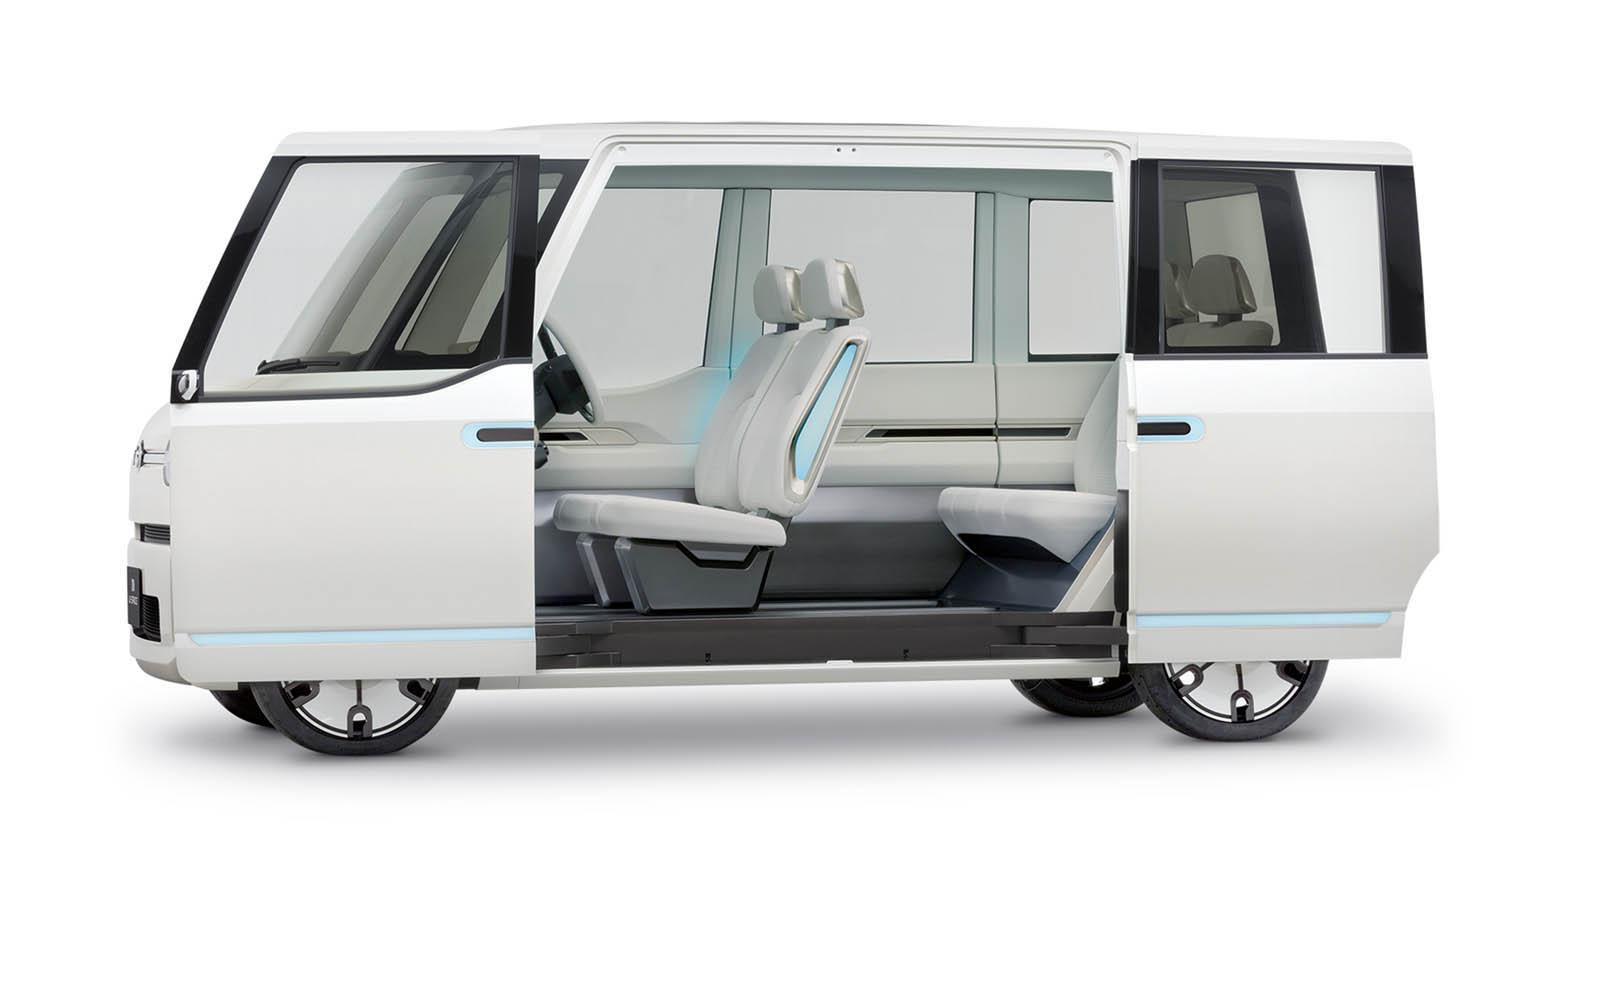 daihatsu-concepts-tokyo-motorshow_171006024 copy